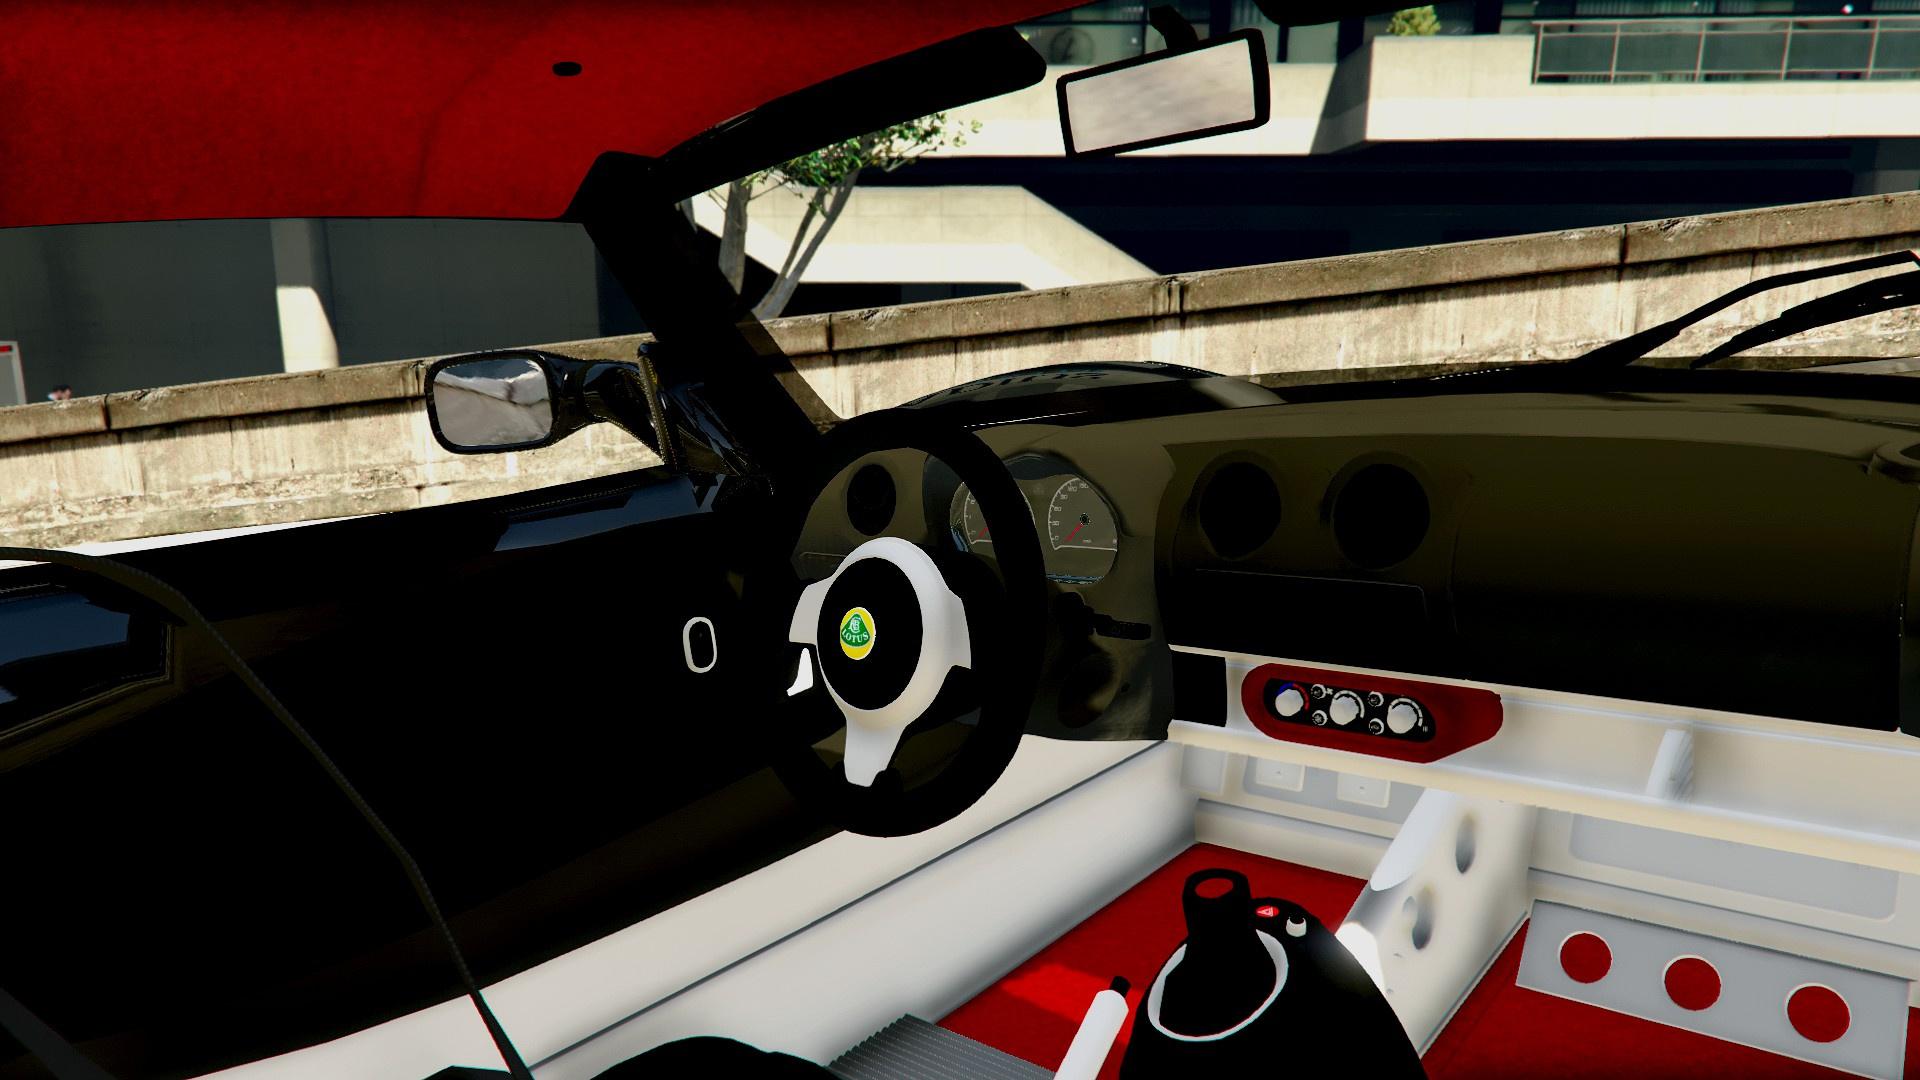 Gta 5 Amanda Real Life Lotus Exige 240 - GTA5...